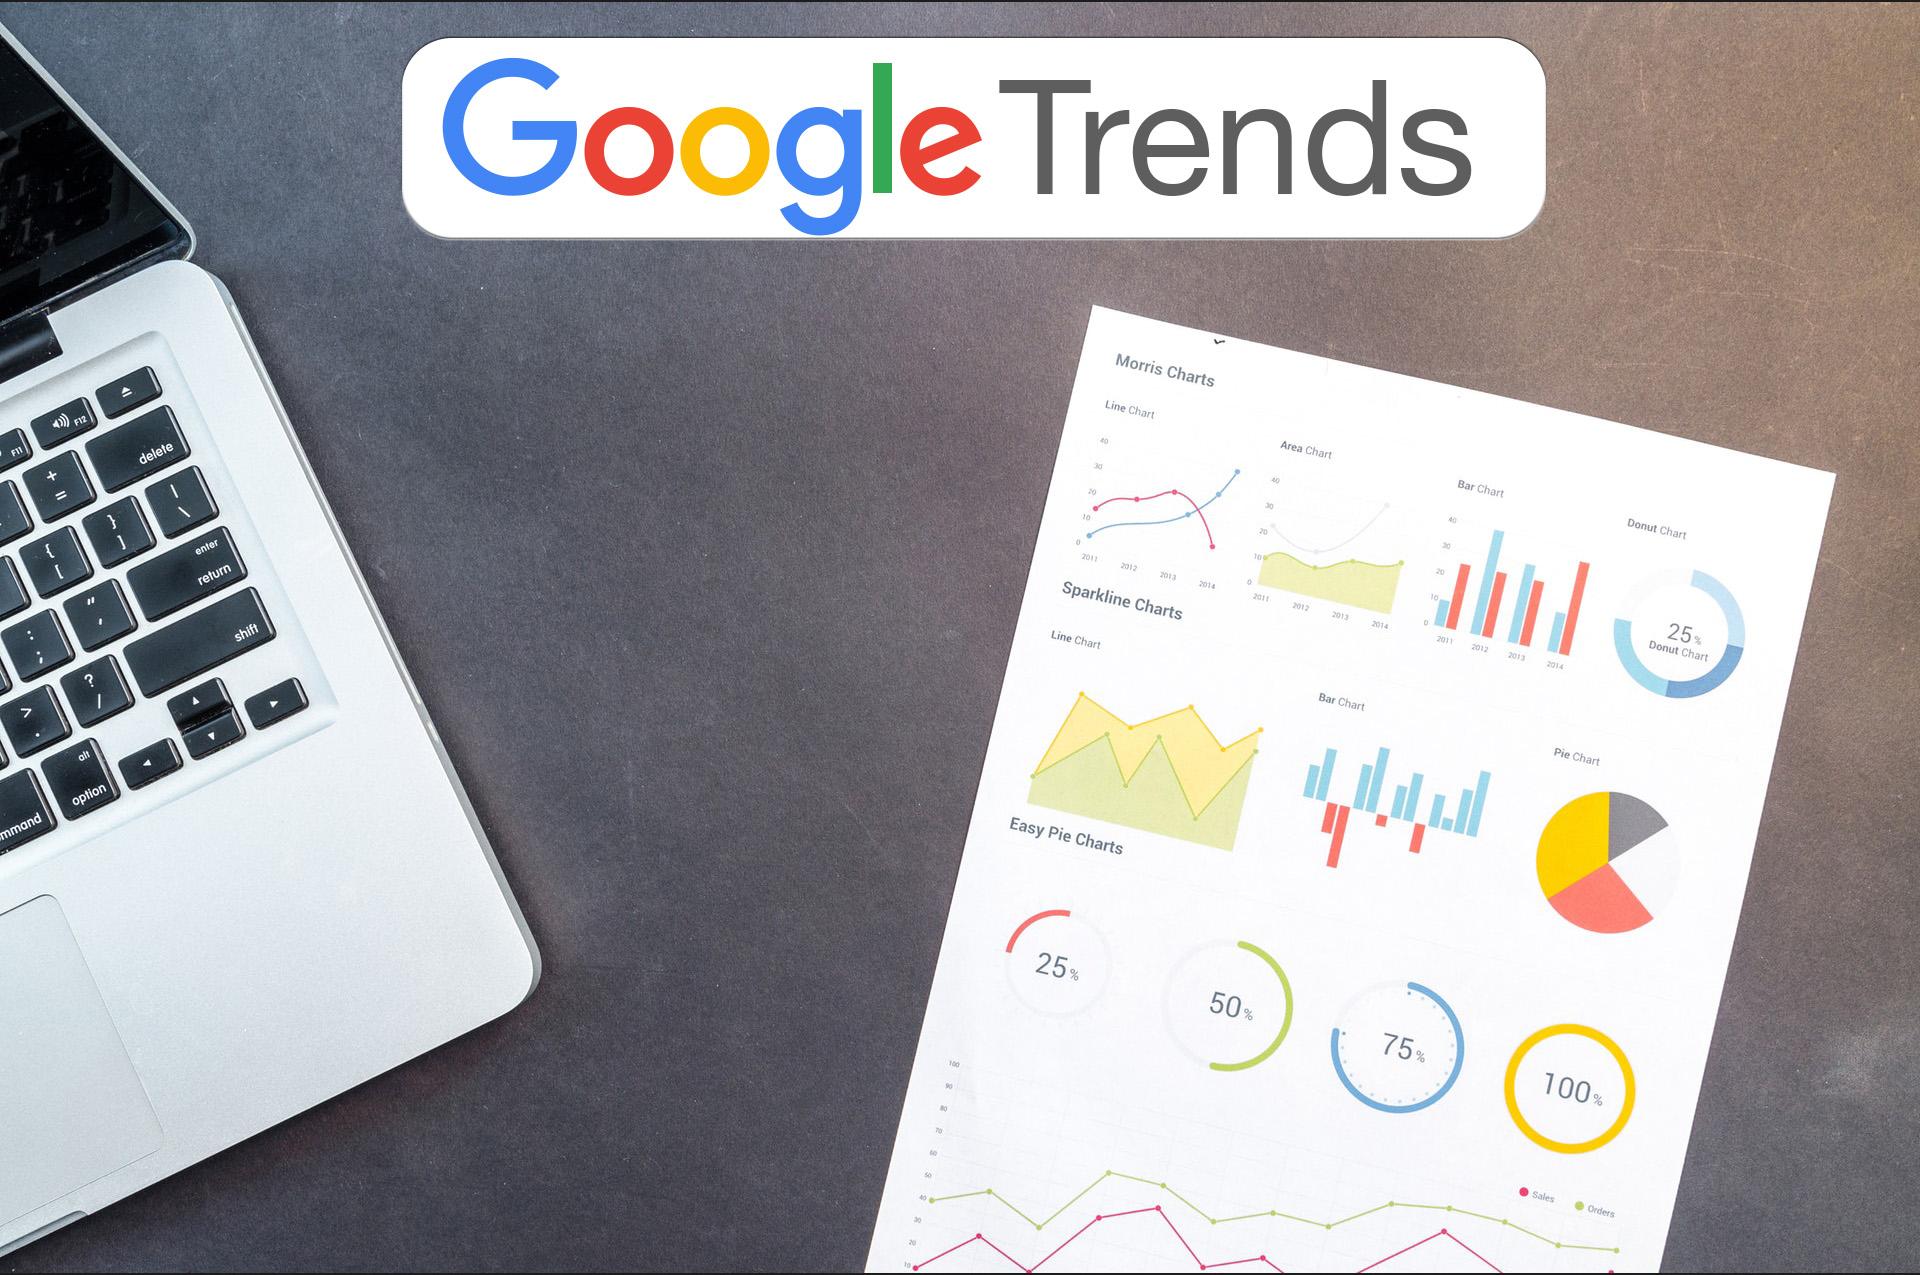 Come sapere quali sono le parole più cercate su Google